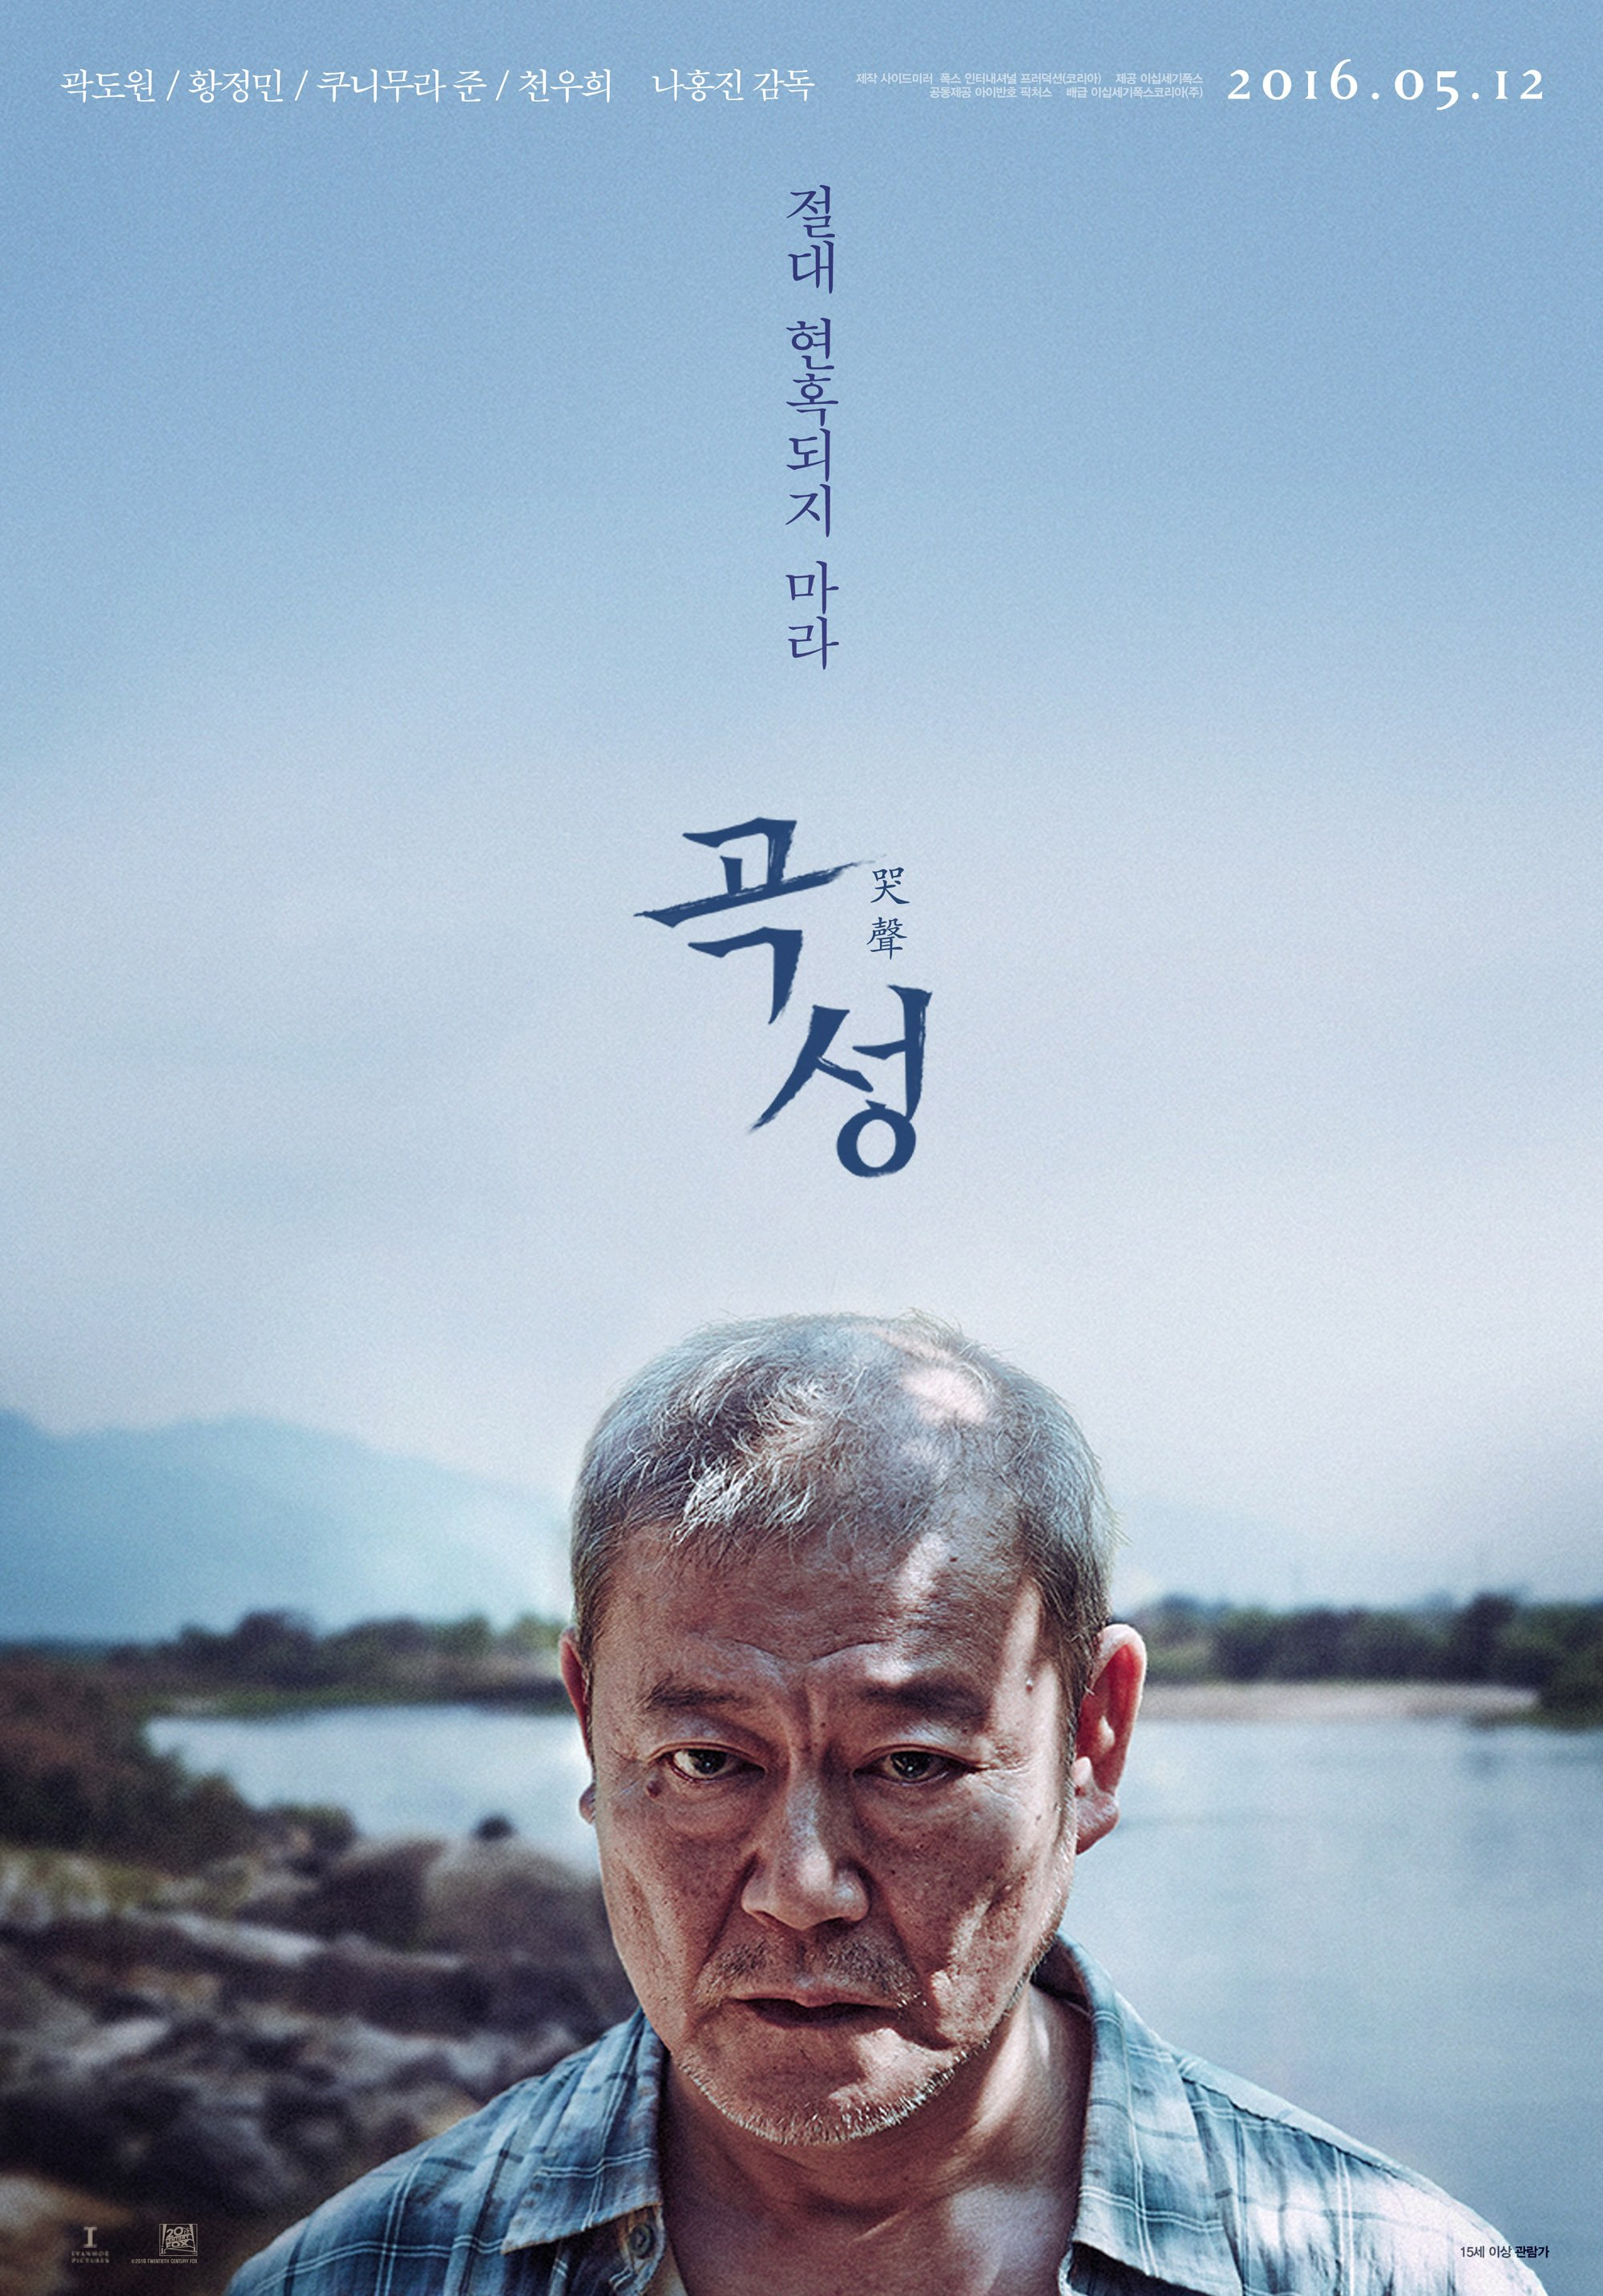 Jun Kunimura - eine cooler, gemütlicher,  Berühmtheit aus Japan im Jahr 2020